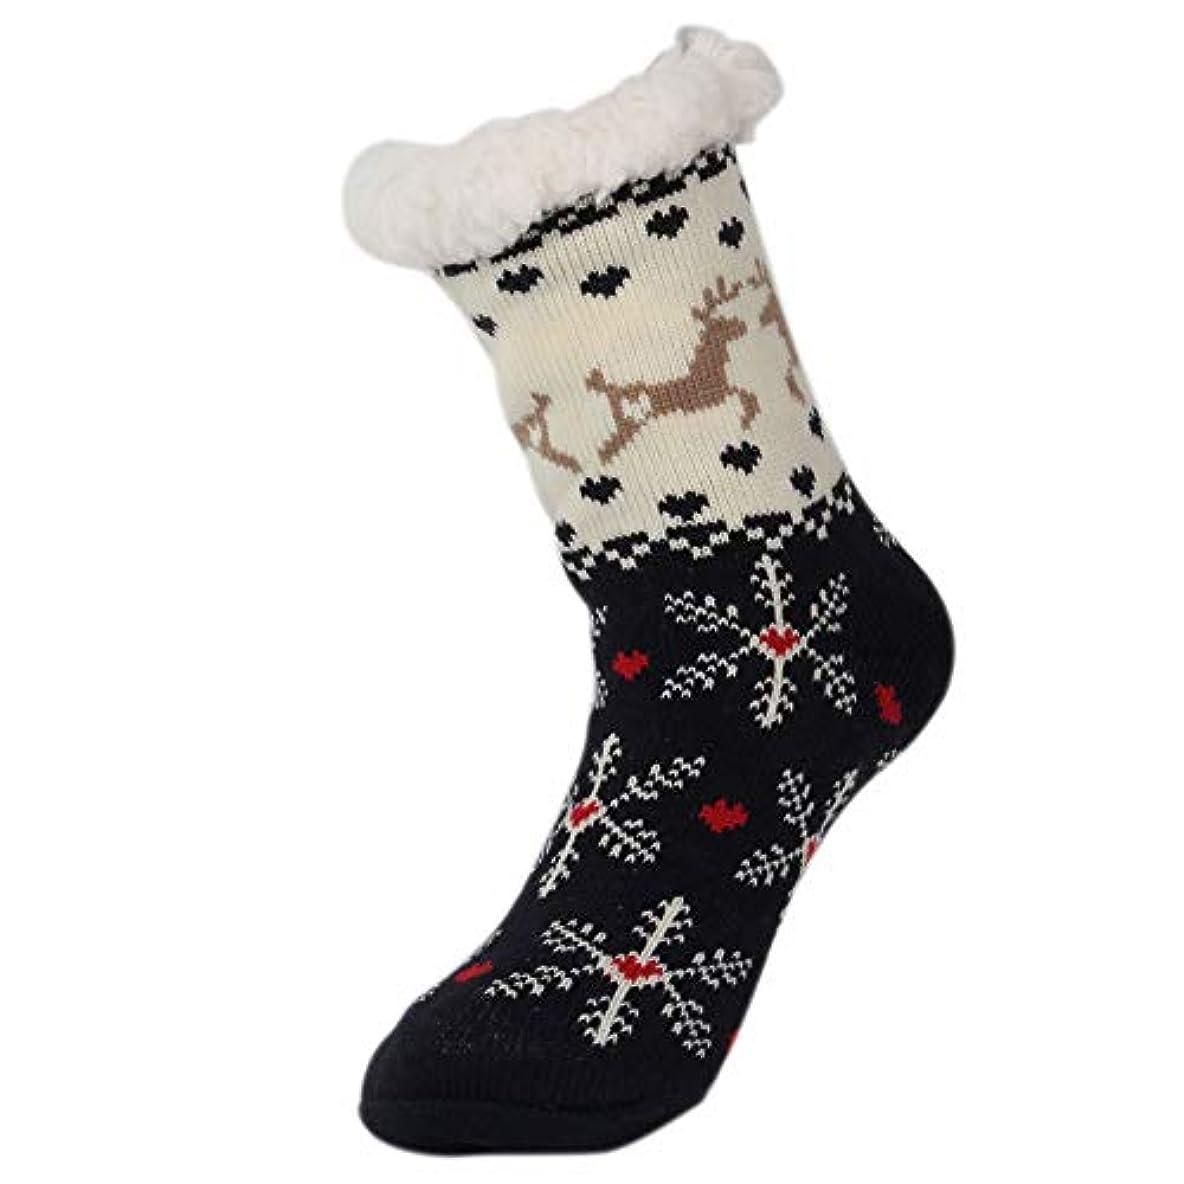 相関する検索虚偽スリッパソックス、ぬいぐるみの裏地ファジィソックス、冬の女性の滑り止めフリース裏地スリッパソックス、女性のための柔らかい居心地の良い綿ニットソックス女の子クリスマスクリスマスギフト屋内